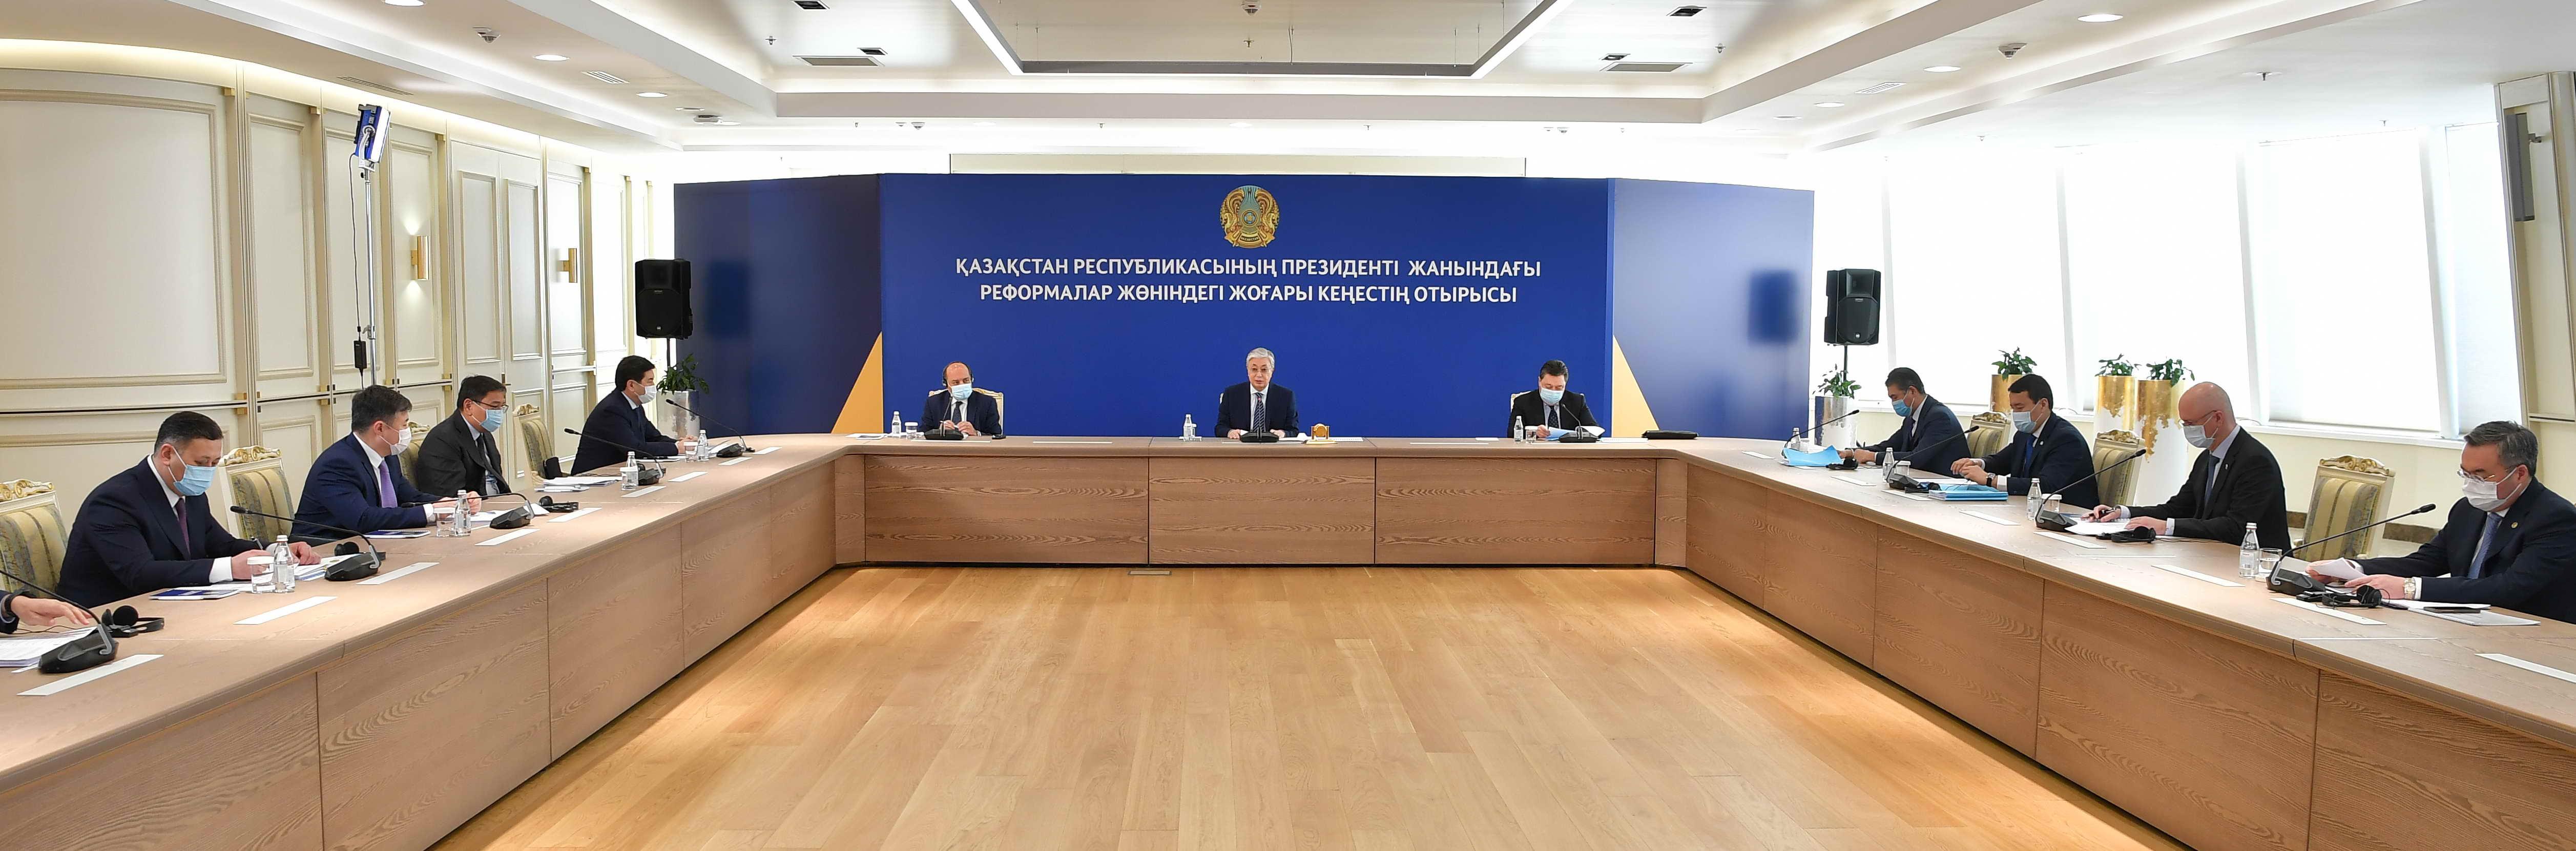 Касым-Жомарт Токаев провел очередное заседание Высшего cовета по реформам